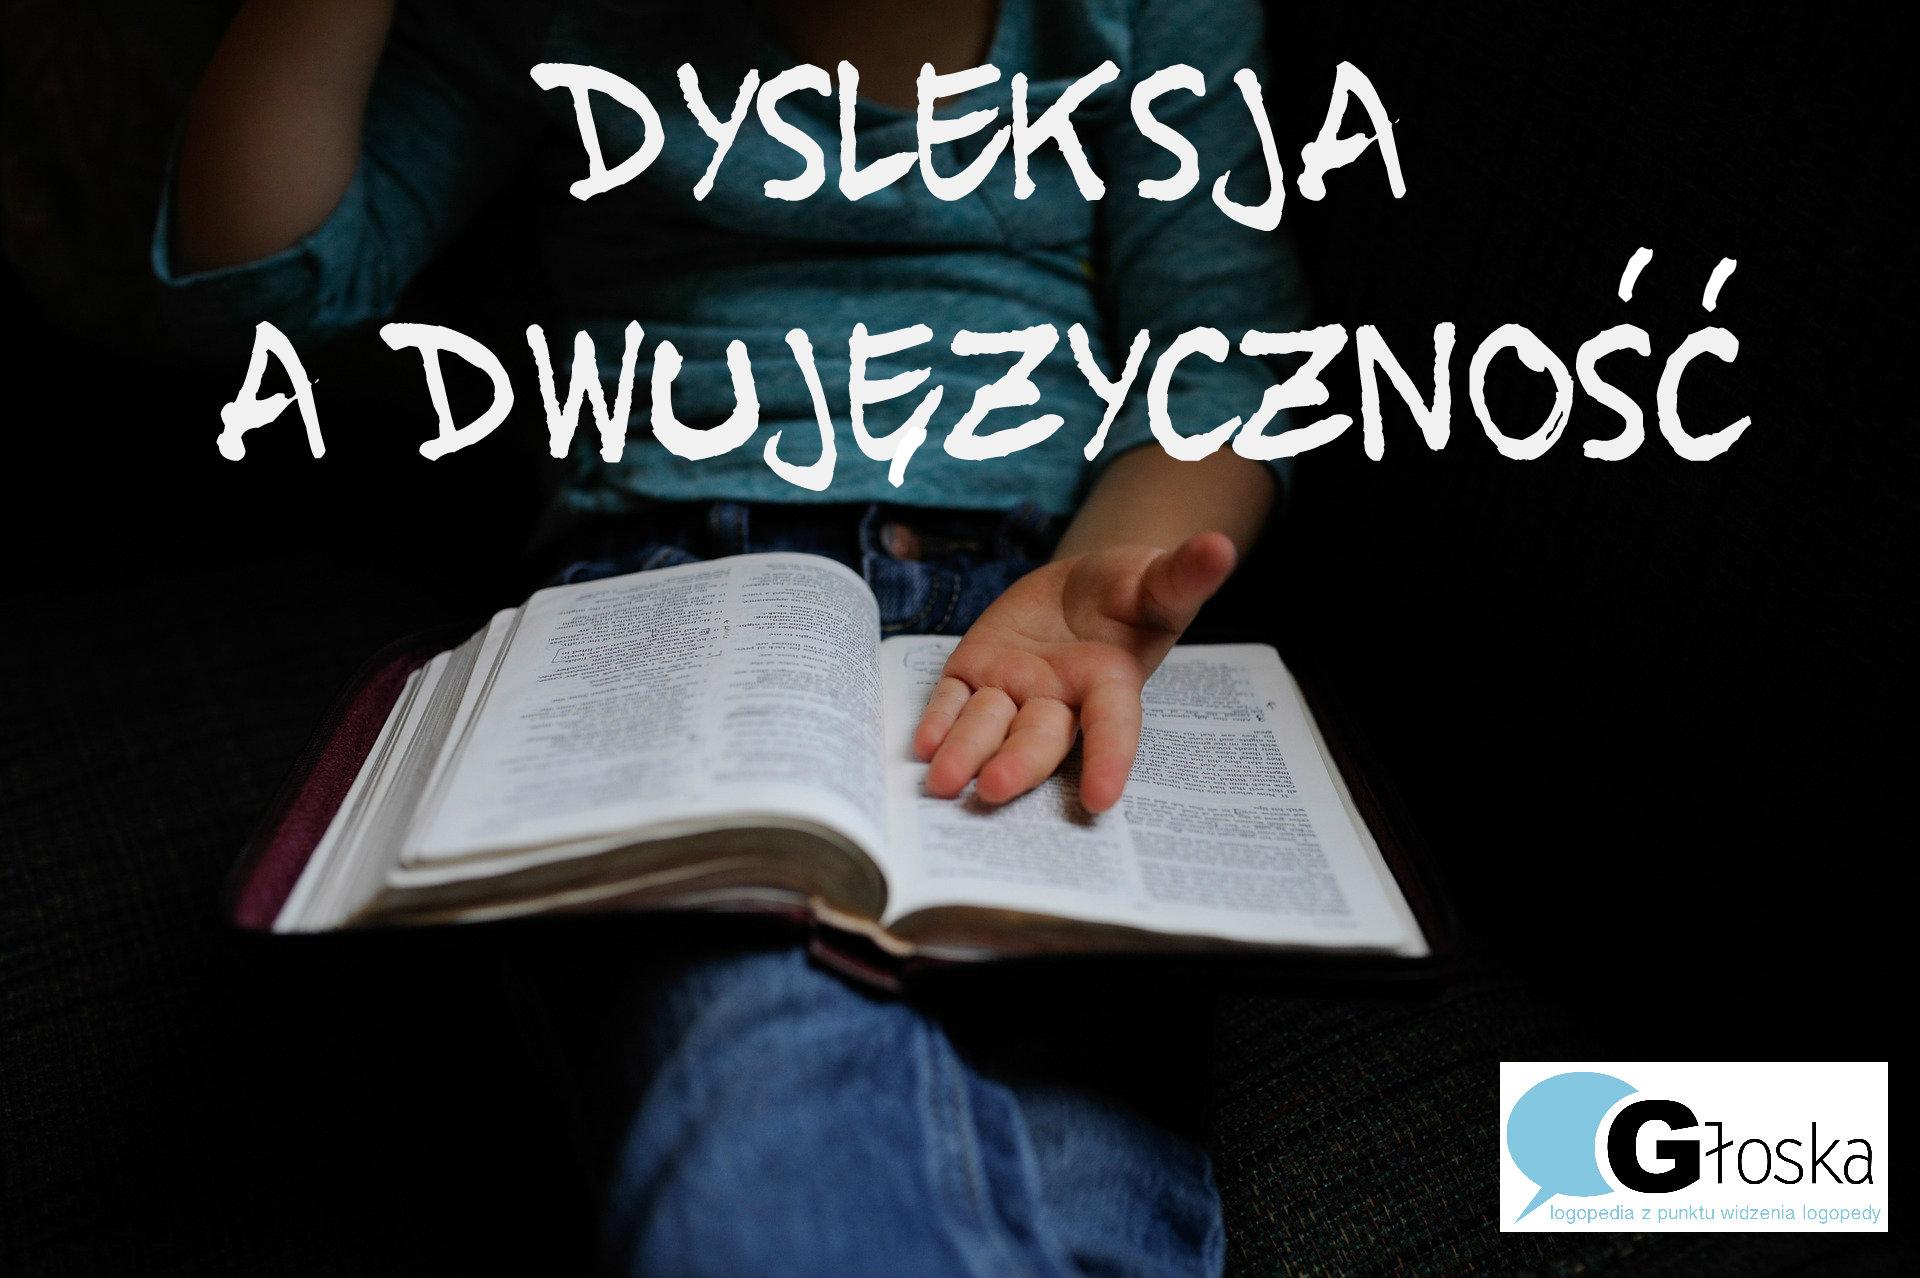 Dysleksja w dwujęzyczności